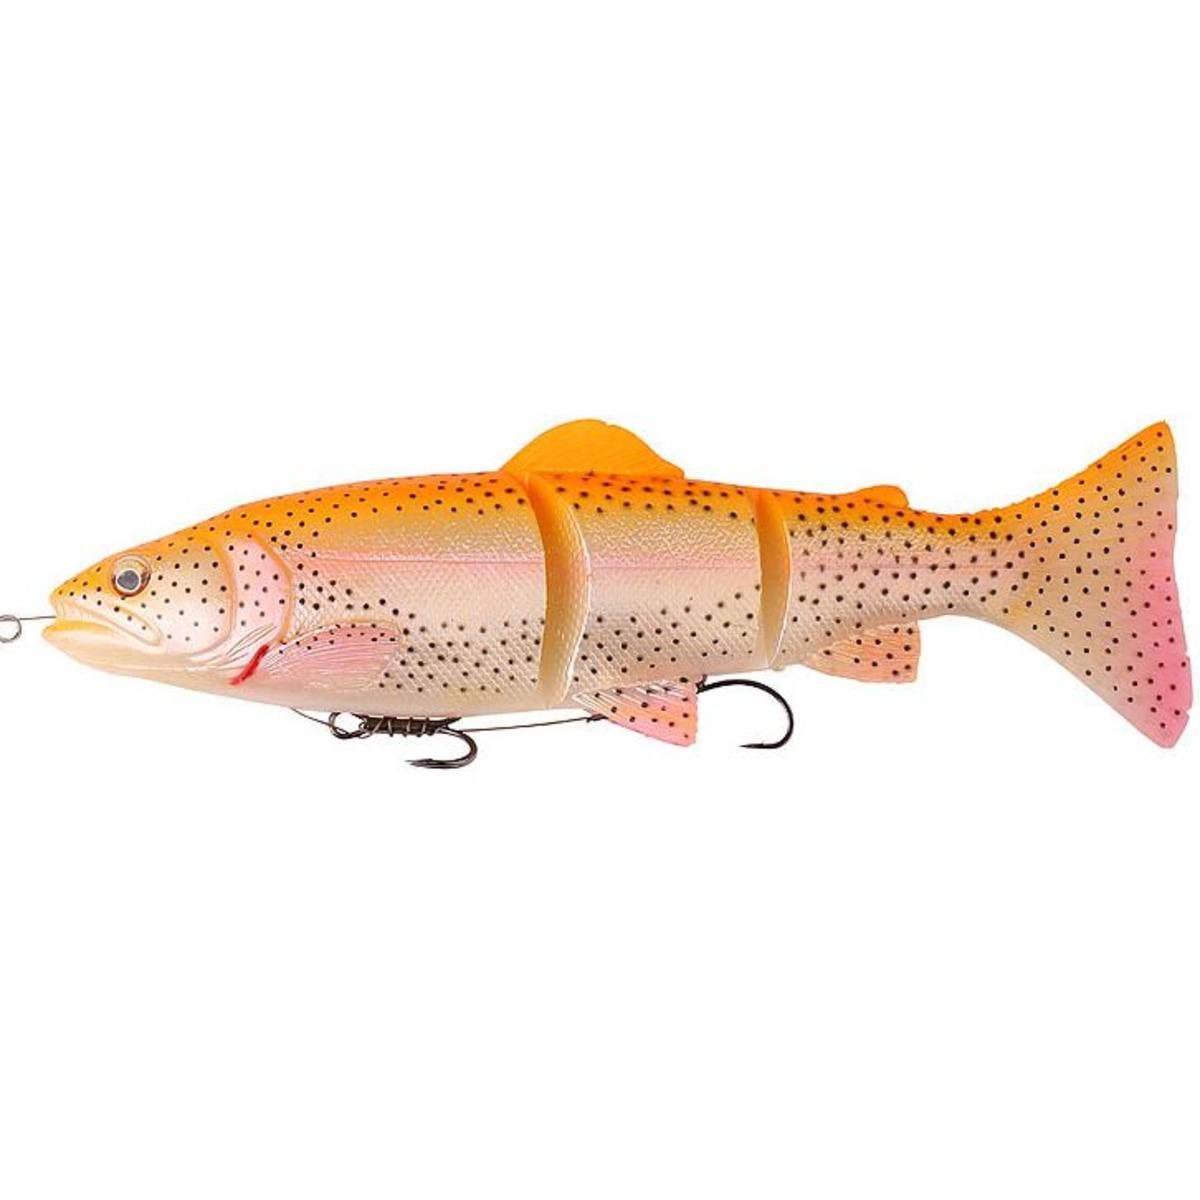 Savage Gear 3D Trout Line Thru - 30 cm - 290 g - Golden Albino